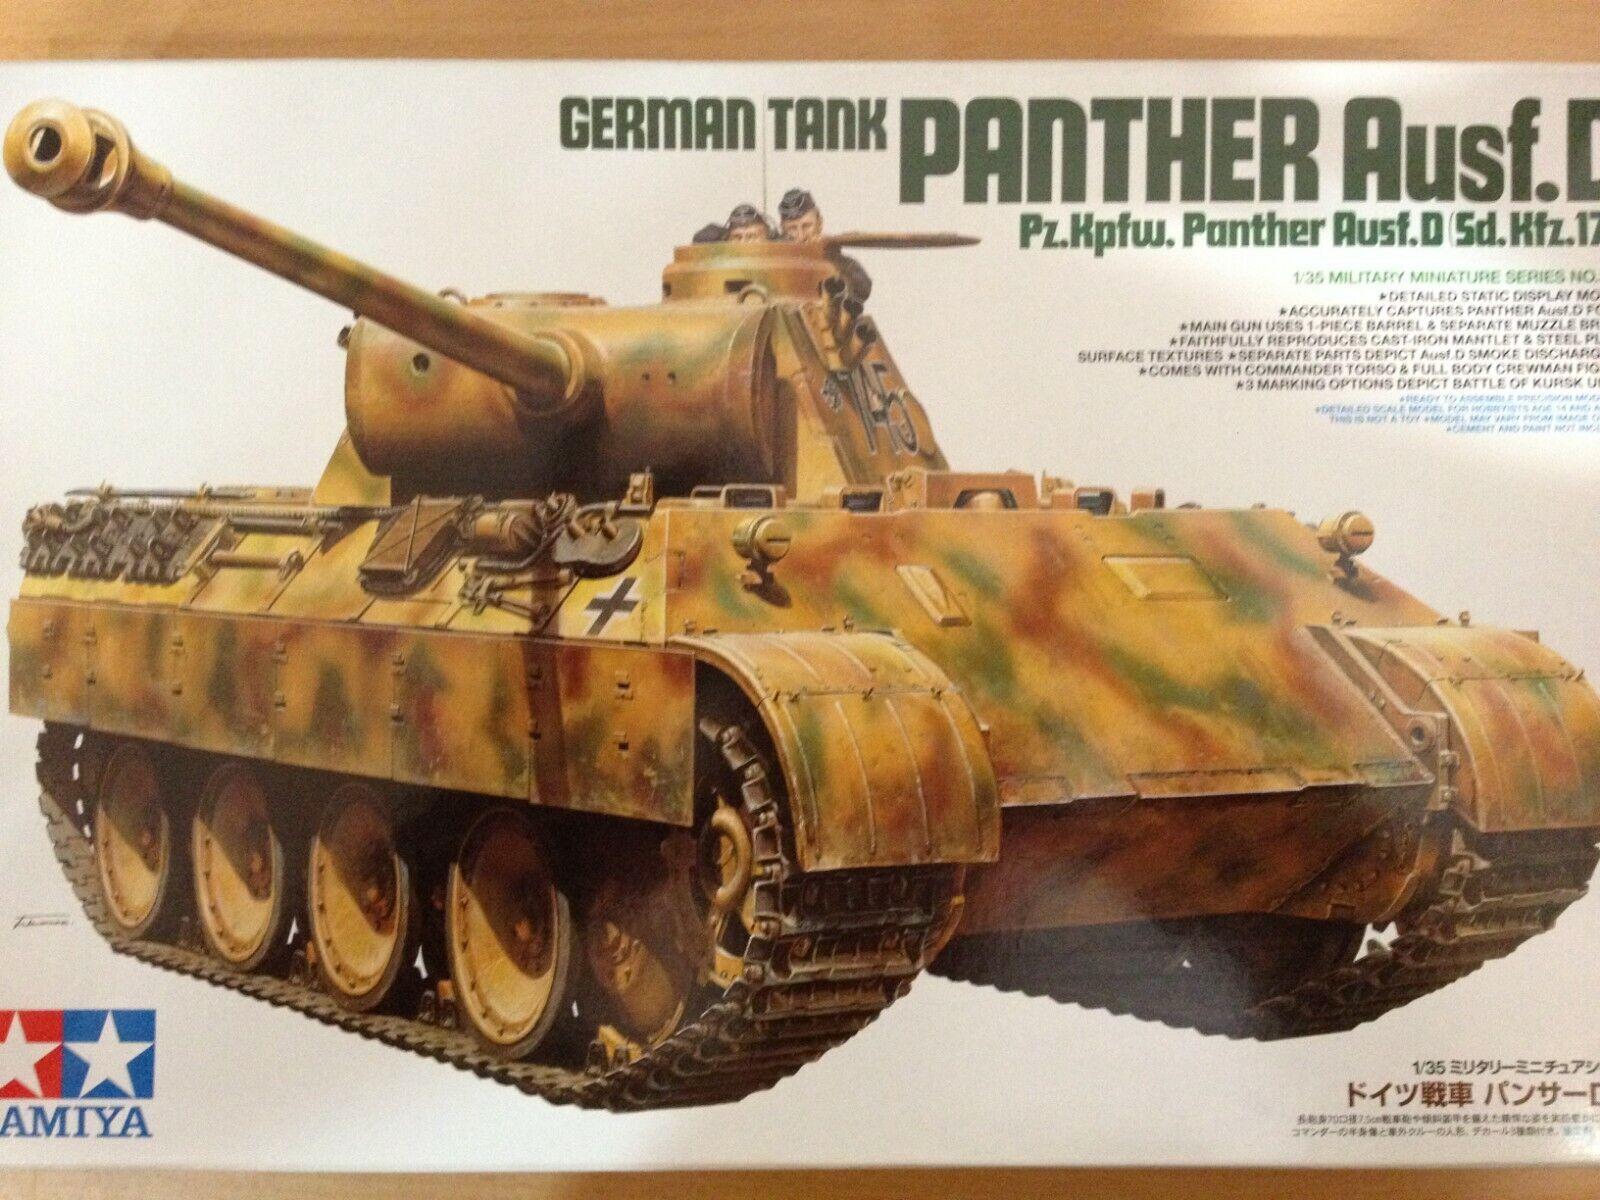 buena calidad Tamiya Maqueta,escala 1 35,german  PANTHER Ausf.D Tank,ref.35345 Tank,ref.35345 Tank,ref.35345  grandes precios de descuento